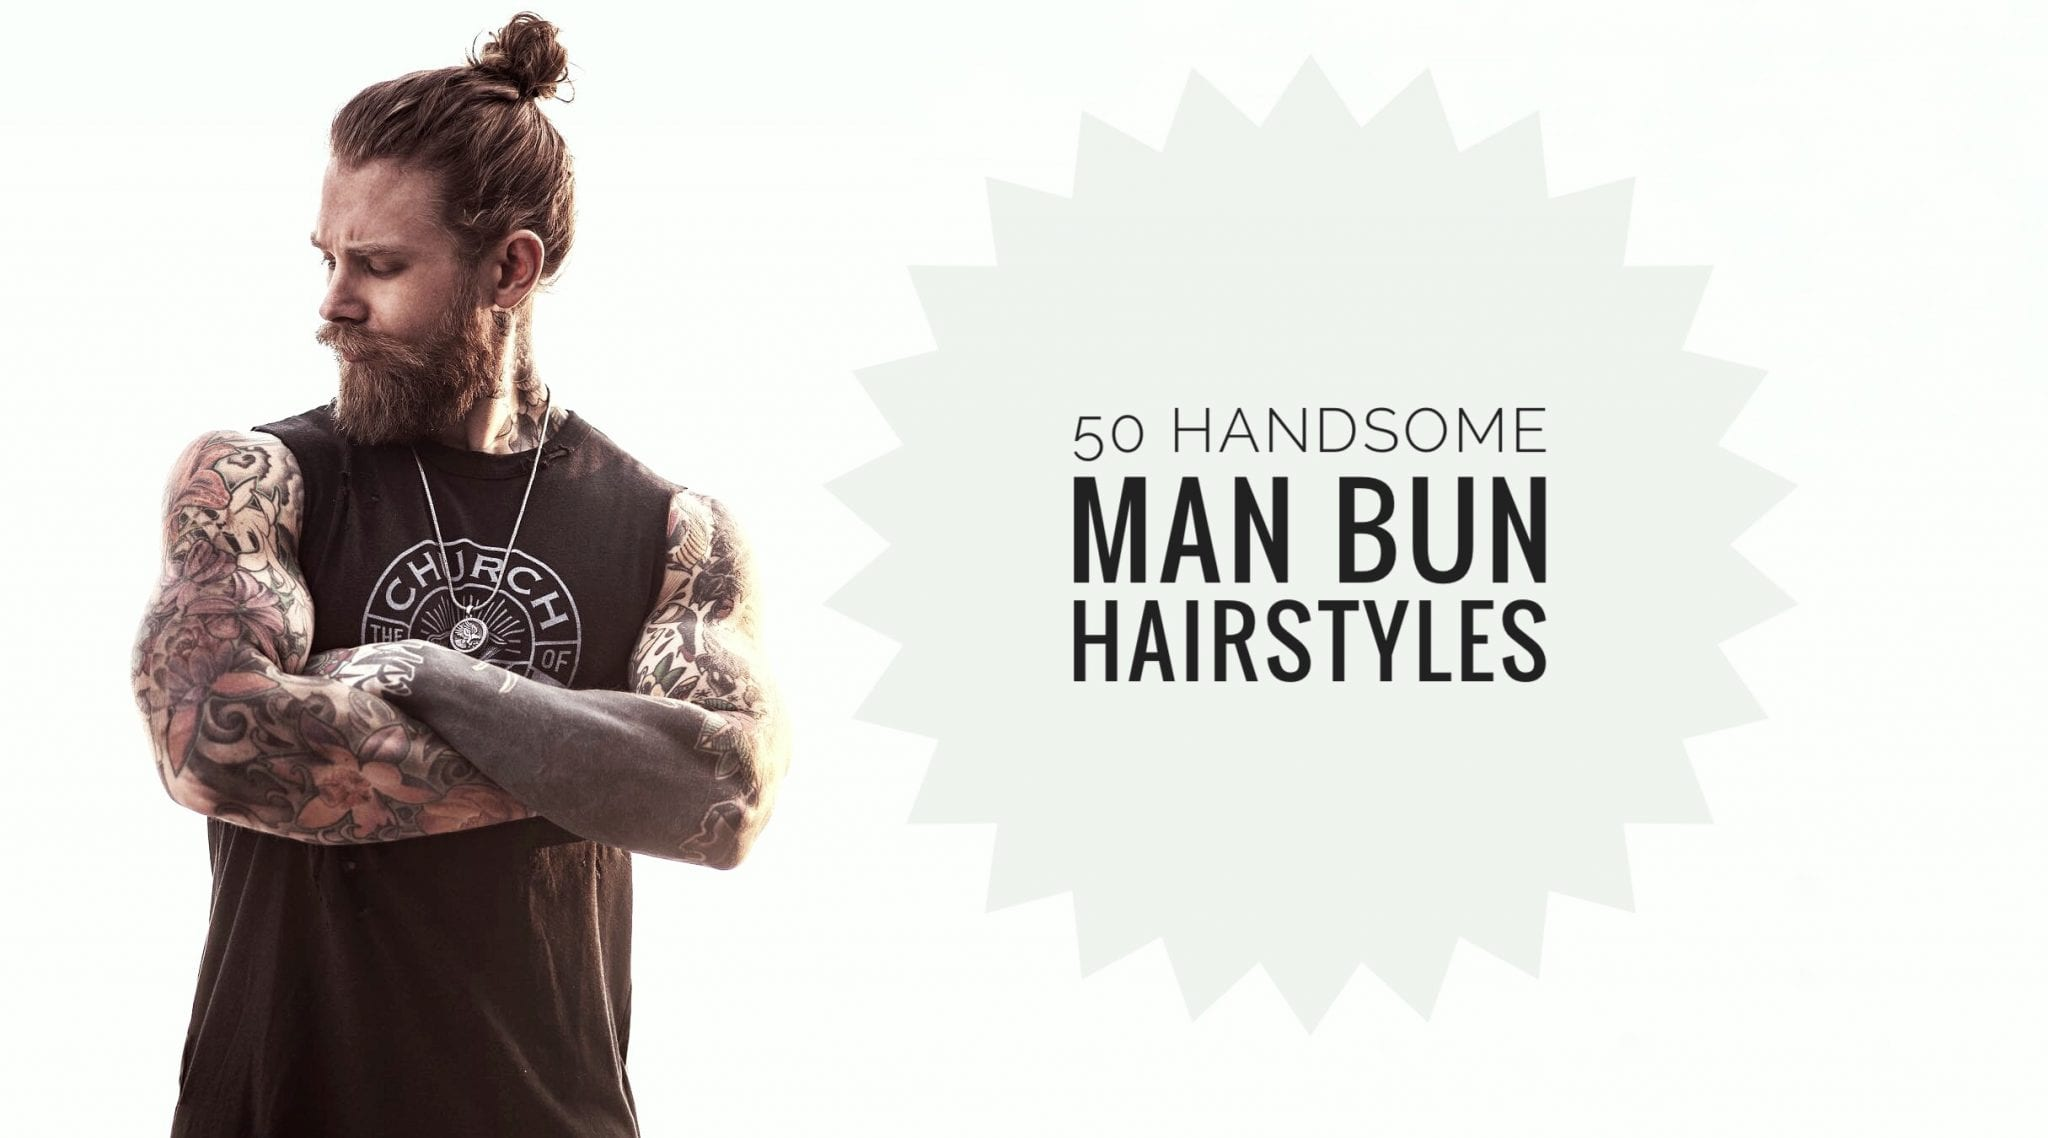 1bea48f11bbe6 50 Handsome Man Bun Hairstyles - Men Hairstyles World